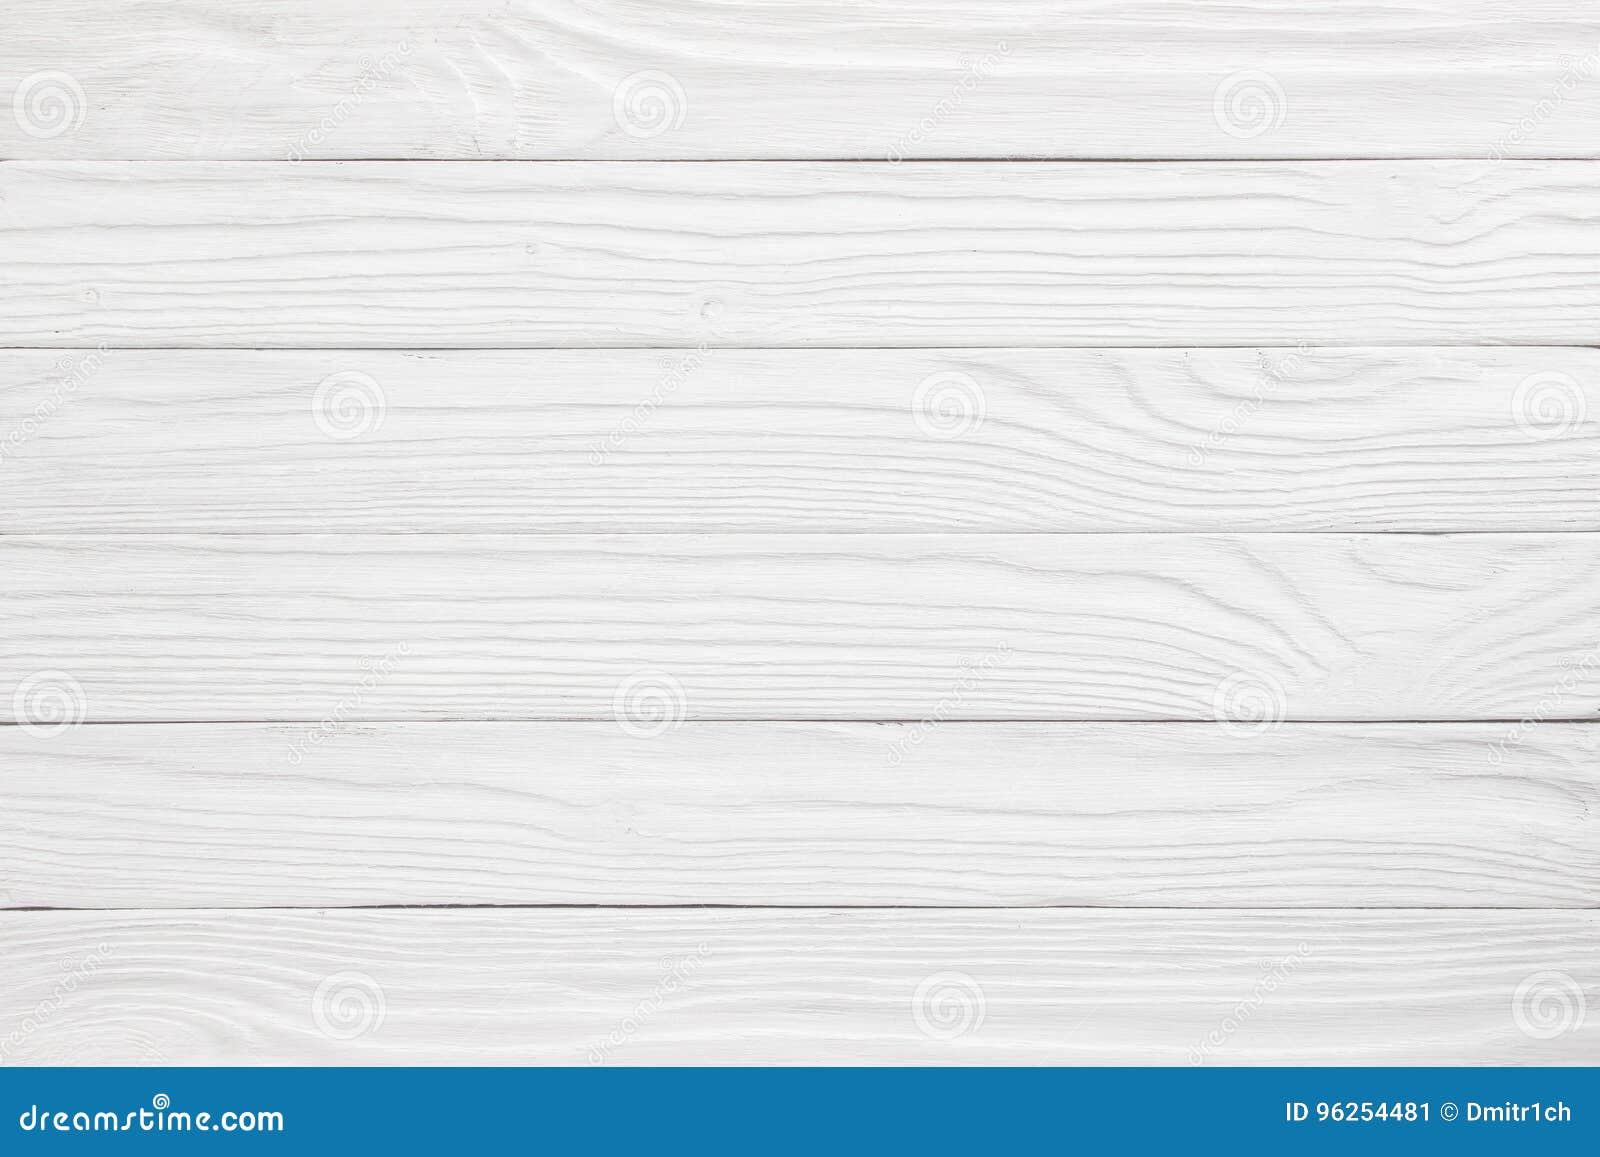 texture et fond de planche en bois de pin blanc image stock image du fond abstrait 96254481. Black Bedroom Furniture Sets. Home Design Ideas